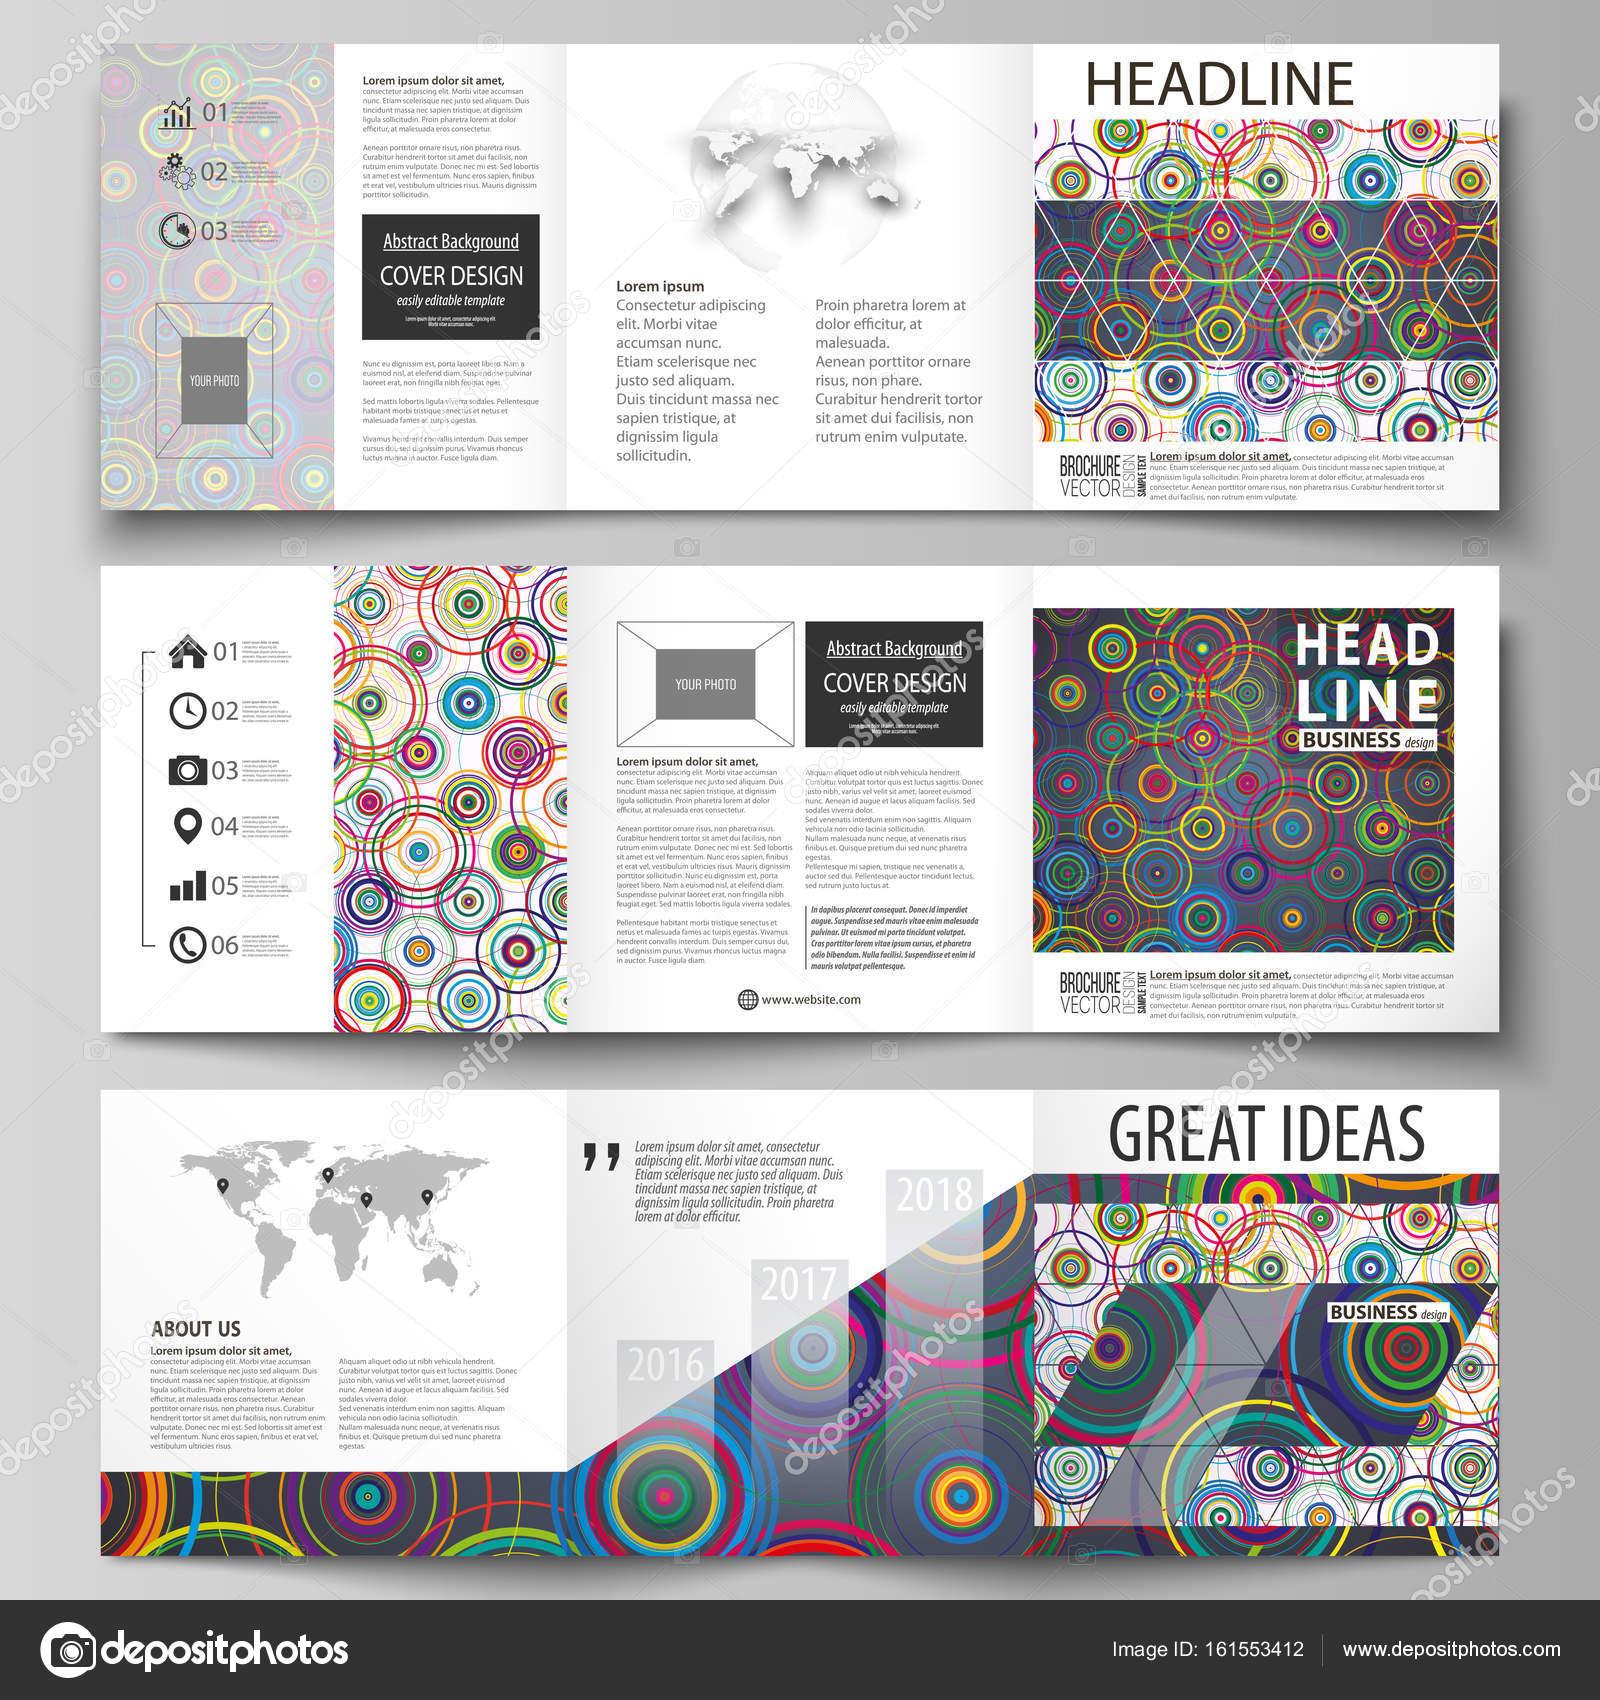 Wunderbar Physik Powerpoint Vorlage Bilder - Beispiel Business ...